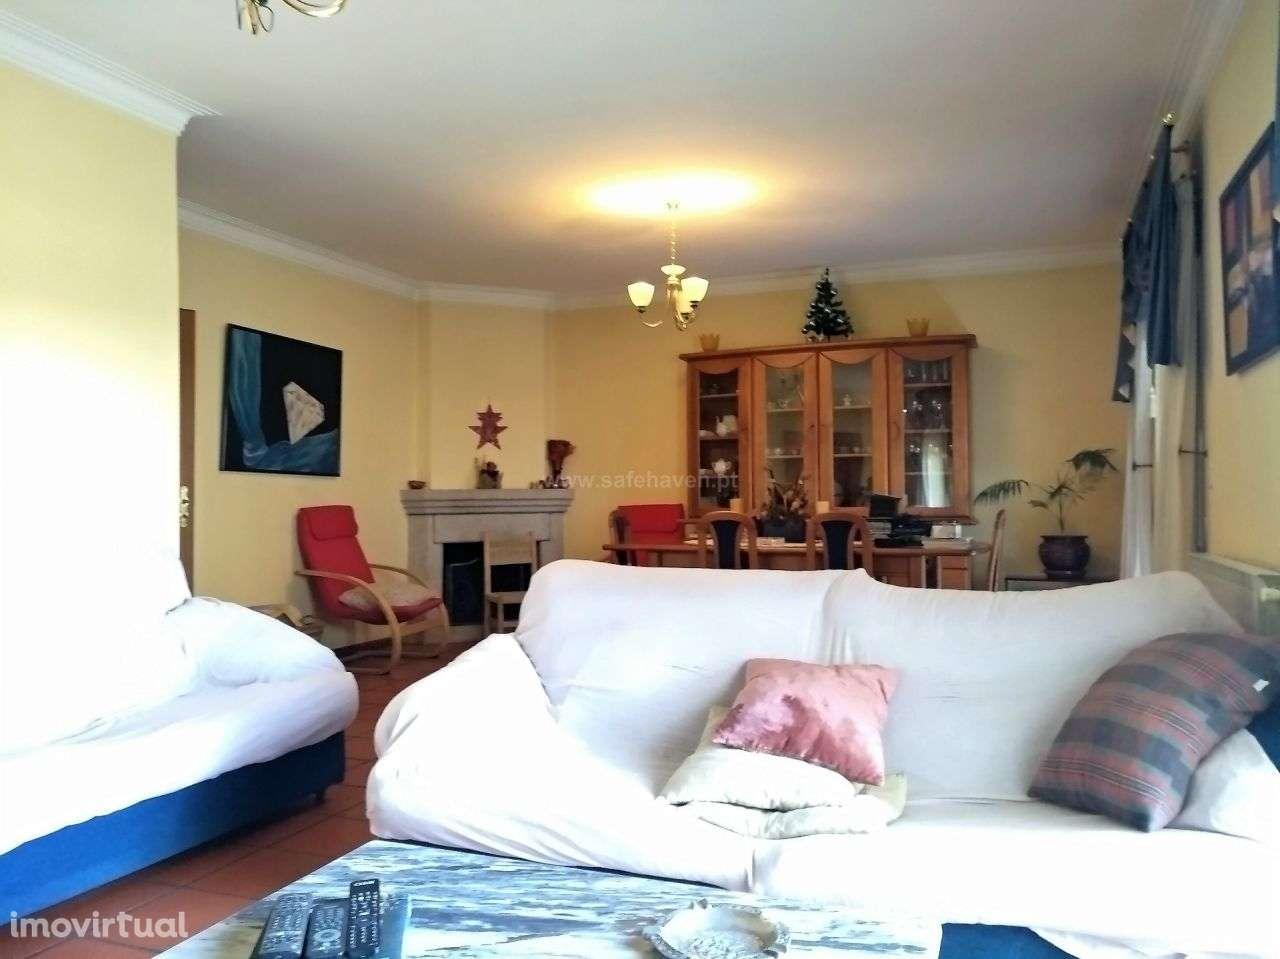 Apartamento para comprar, Abrunhosa-a-Velha, Viseu - Foto 2